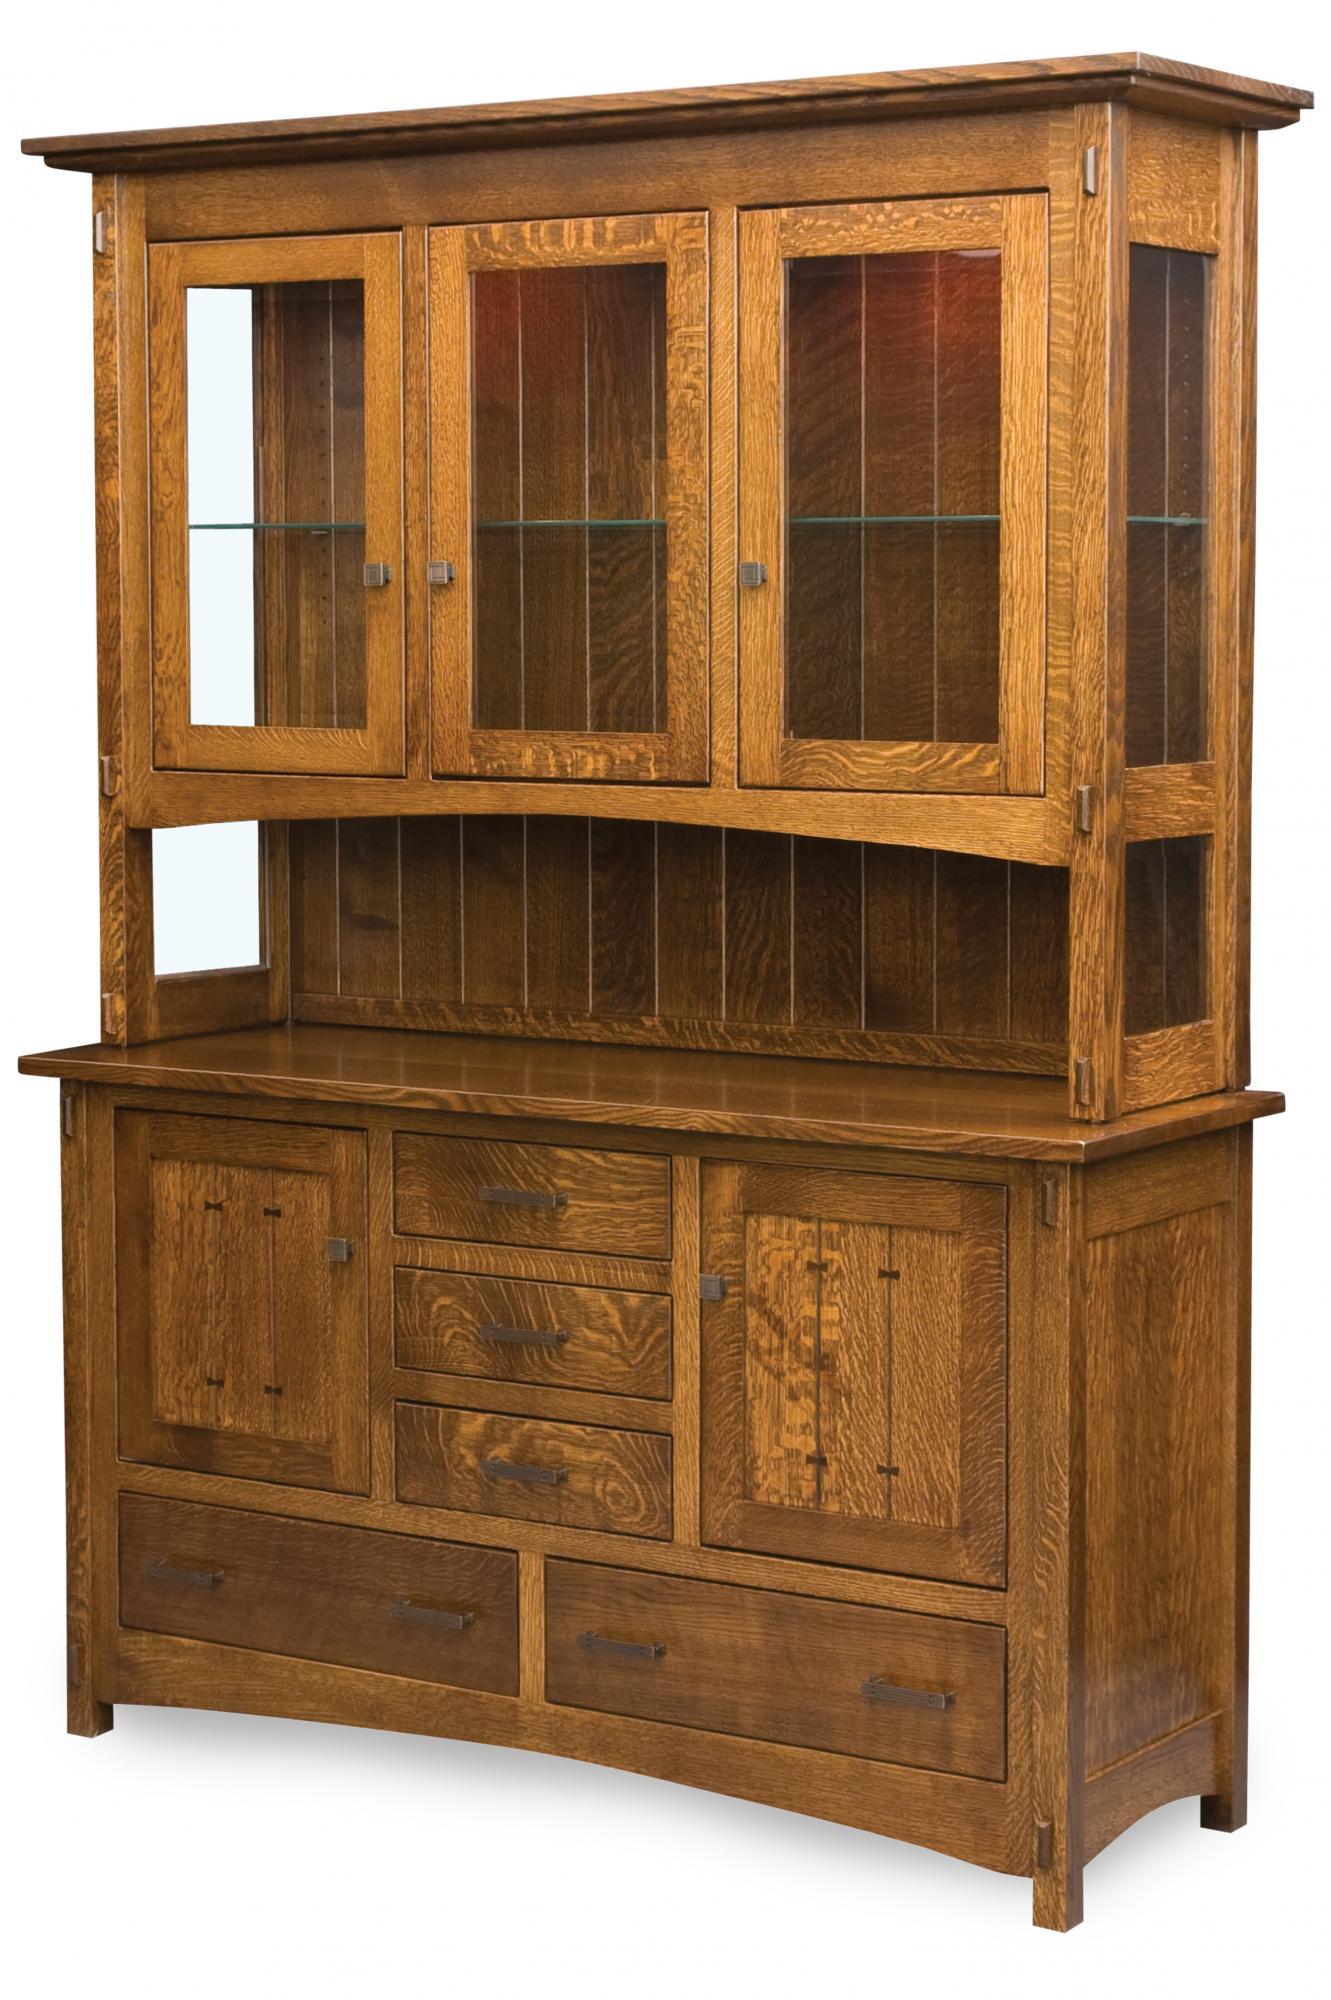 Crestline Hutch Amish Furniture Store Mankato Mn